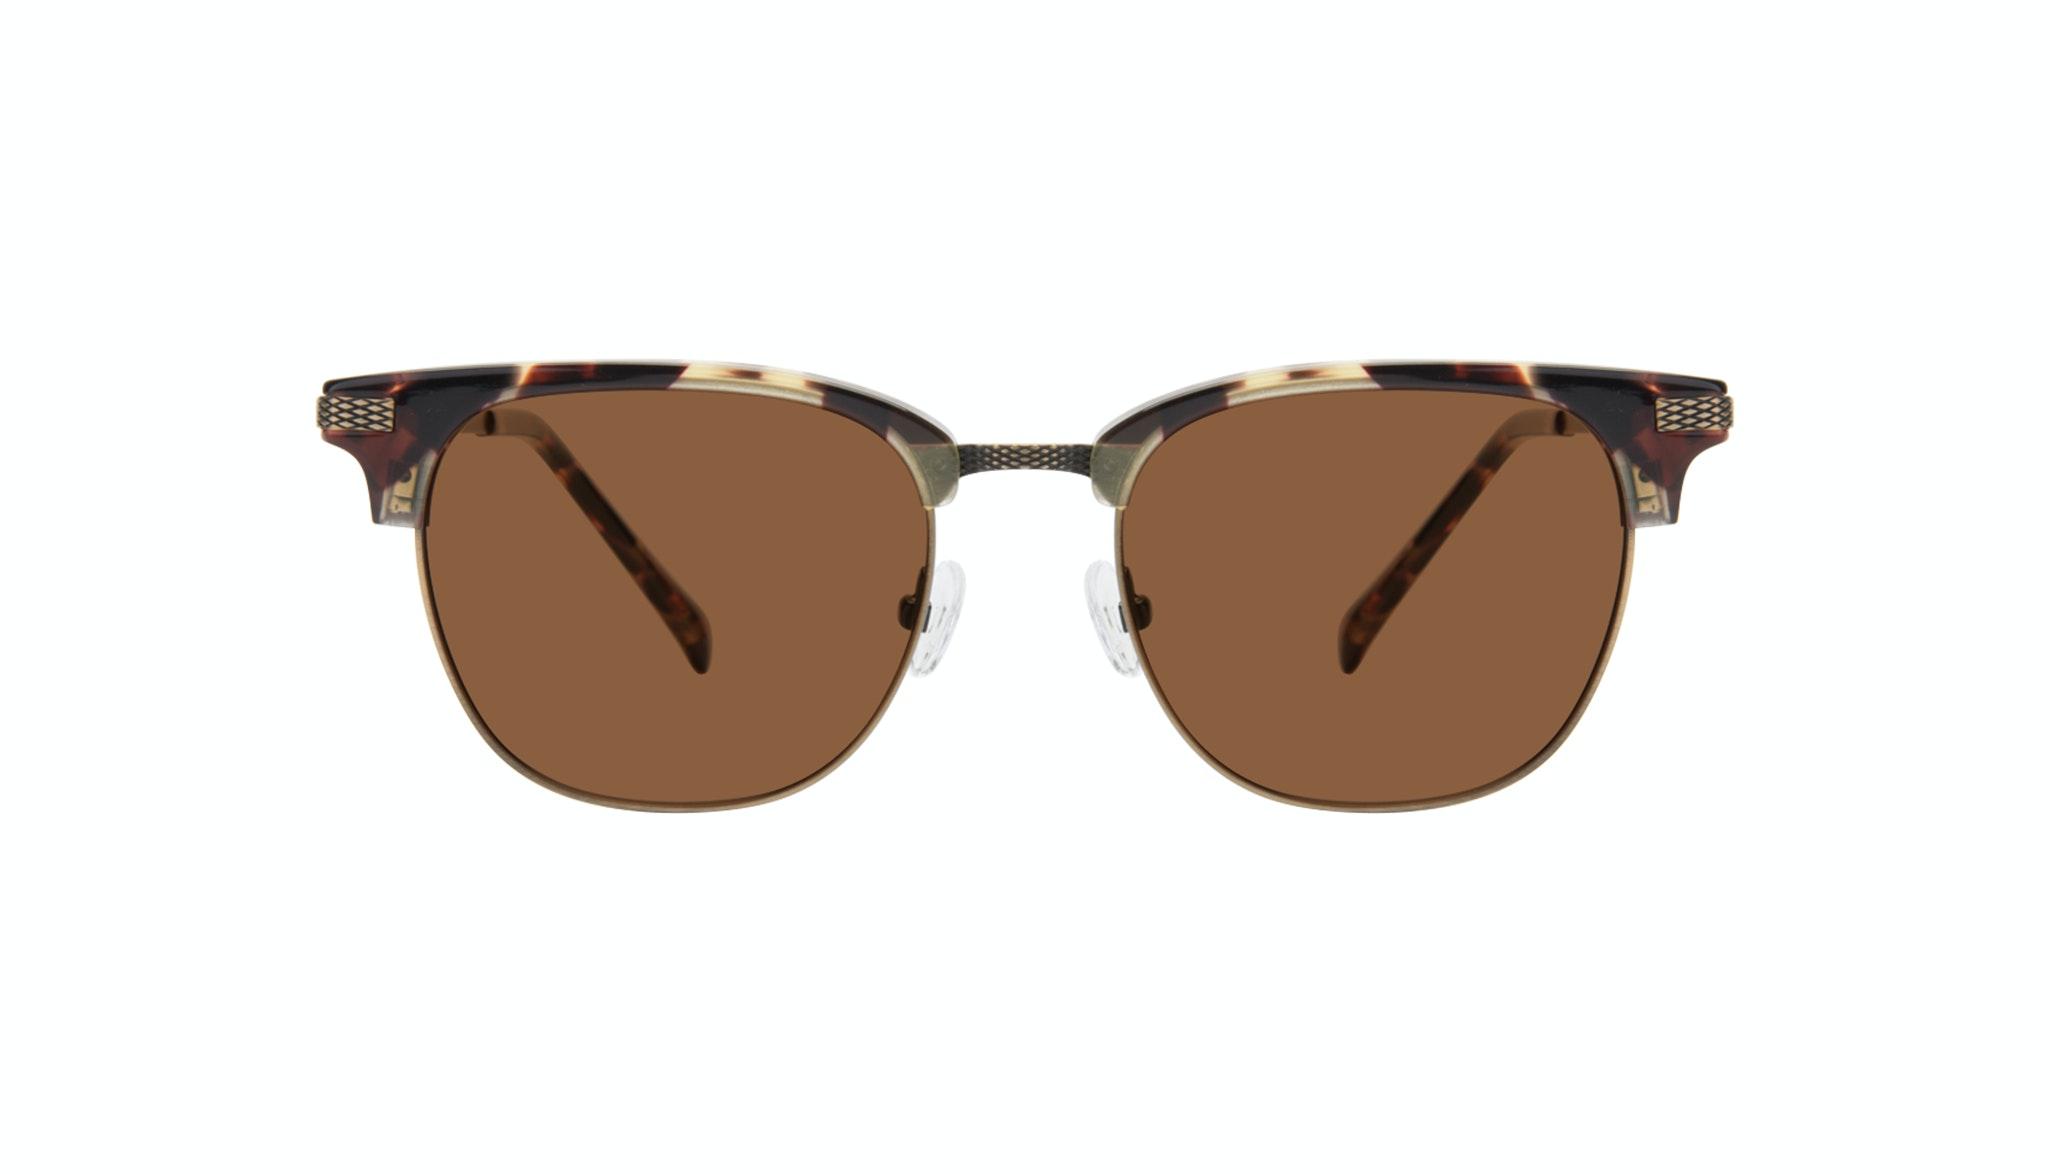 Affordable Fashion Glasses Square Sunglasses Men Blacktie Antique Tort Front